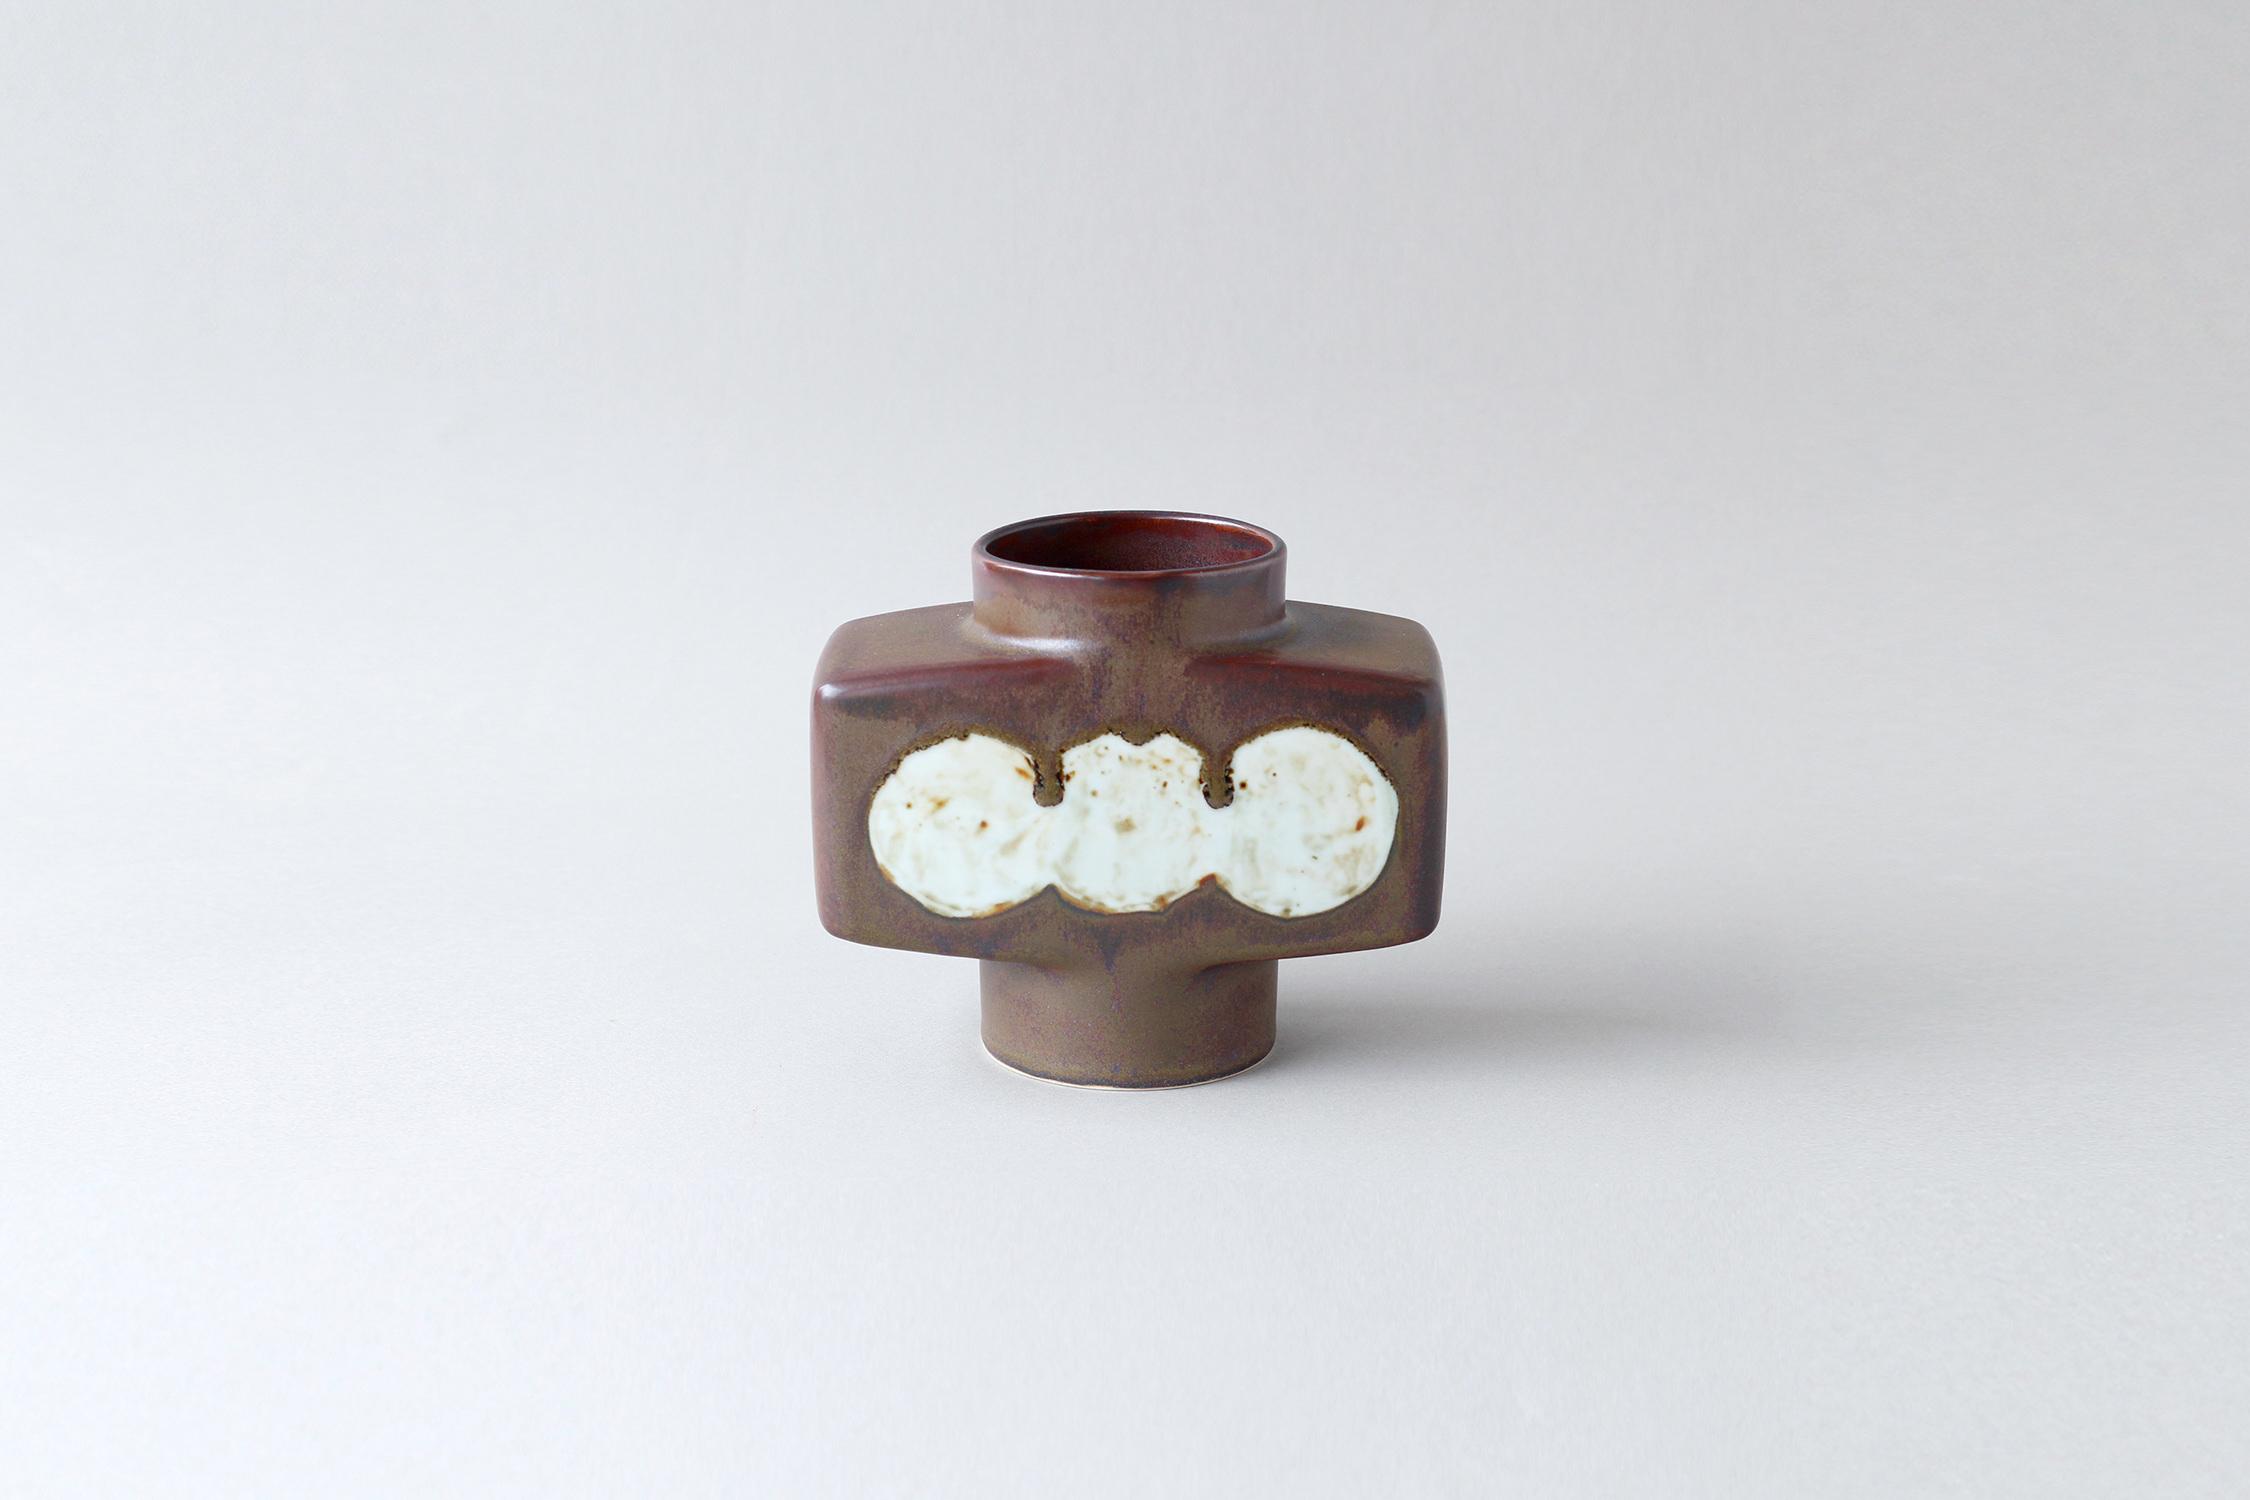 Pebble Ceramic Design Studio イメージ4